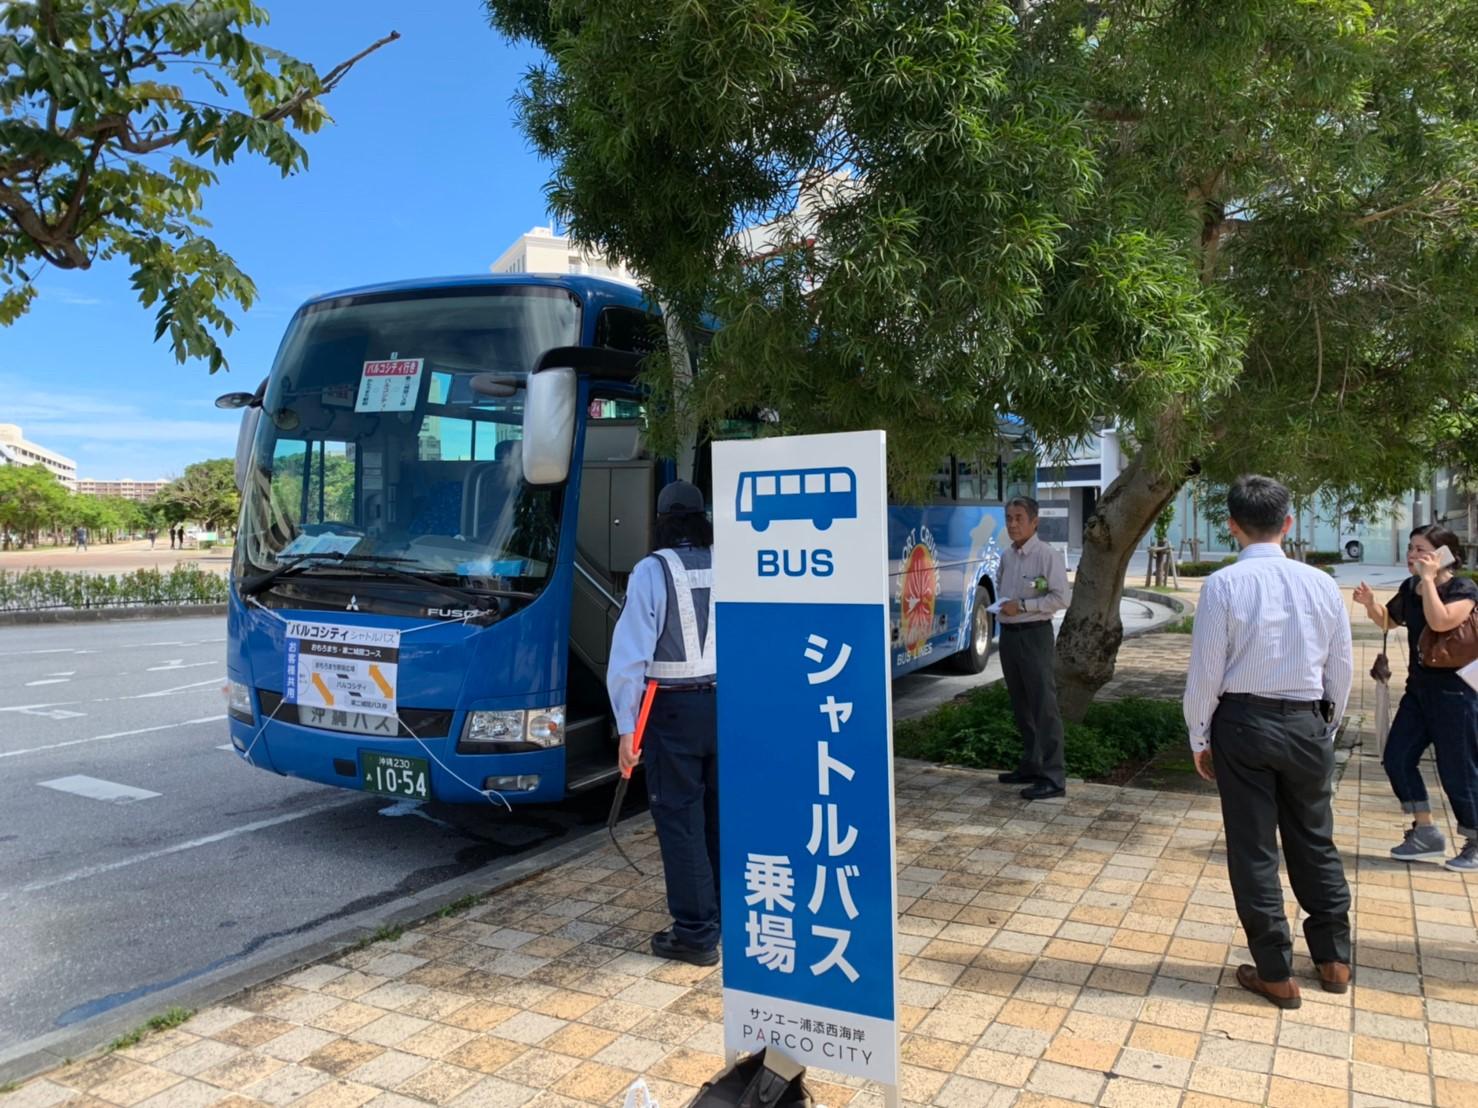 サンエー浦添西海岸パルコシティは駐車場渋滞?シャトルバスで行ってみた!